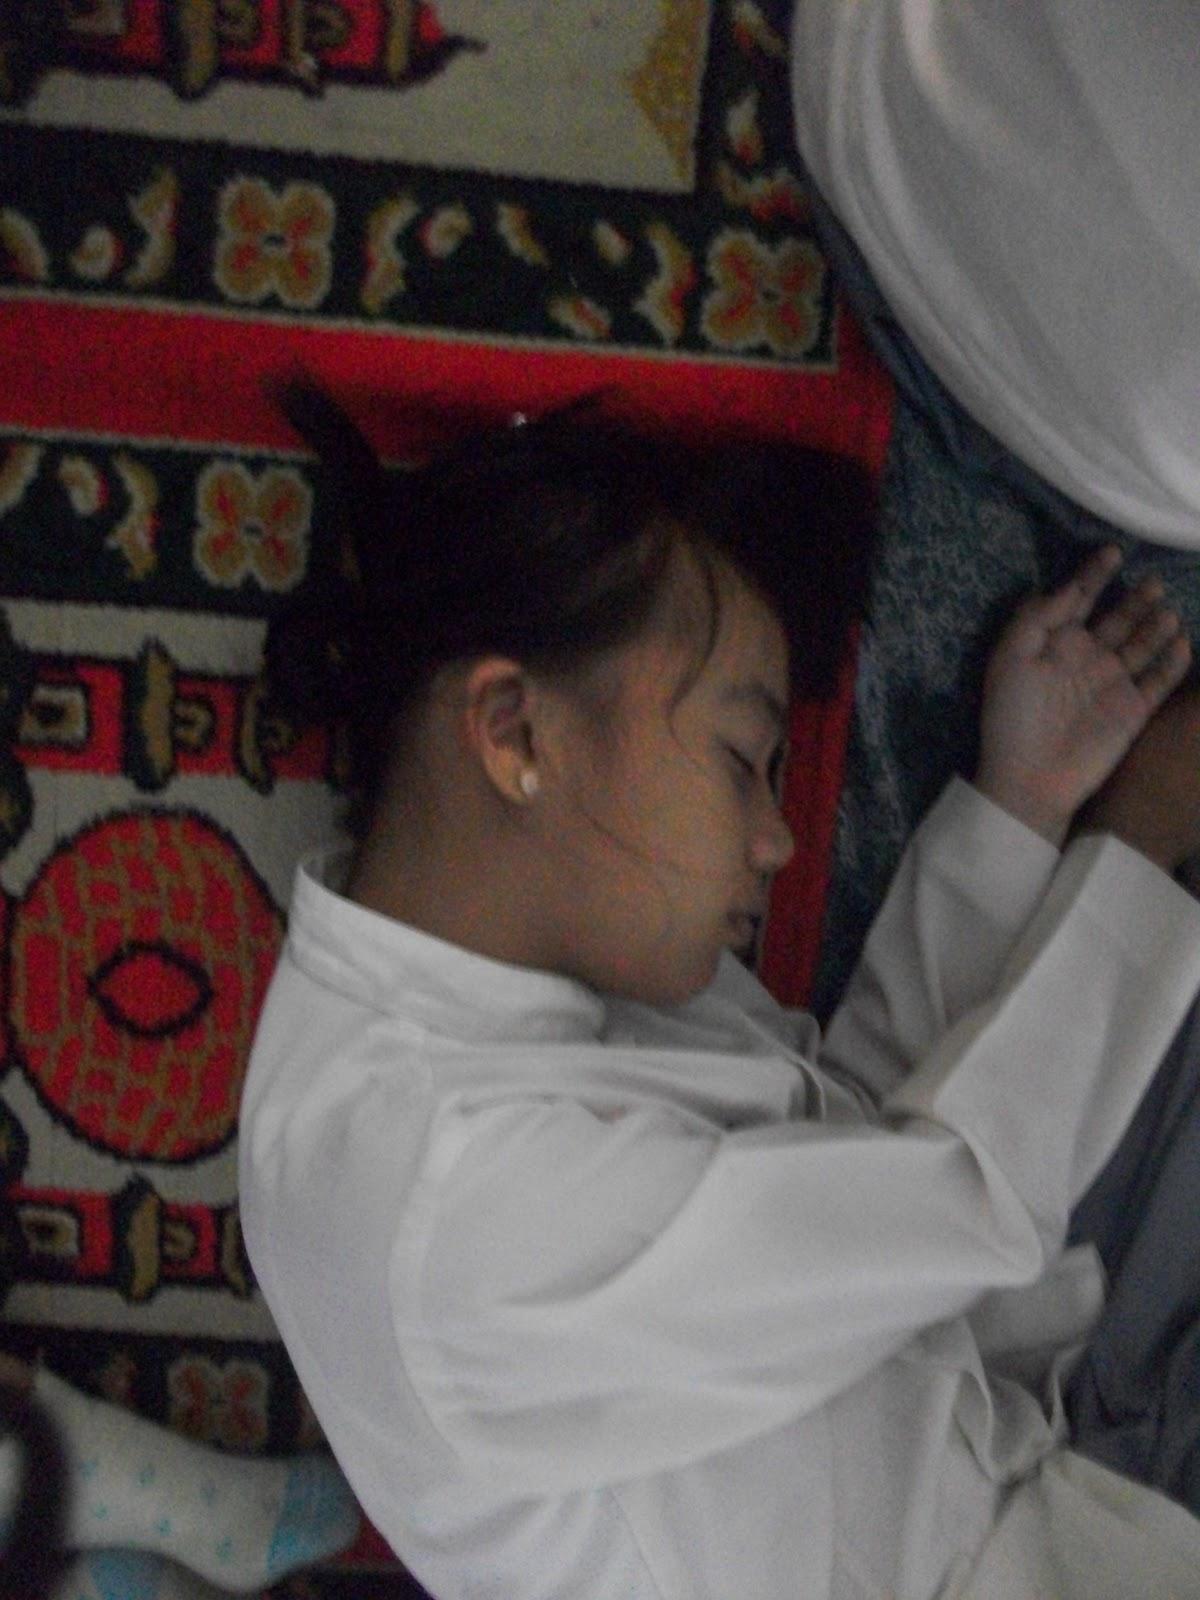 http://1.bp.blogspot.com/_8uhNRIAdllk/TMuWNgRIJWI/AAAAAAAAAWs/x6rX-dq4X-U/s1600/100_4005.JPG